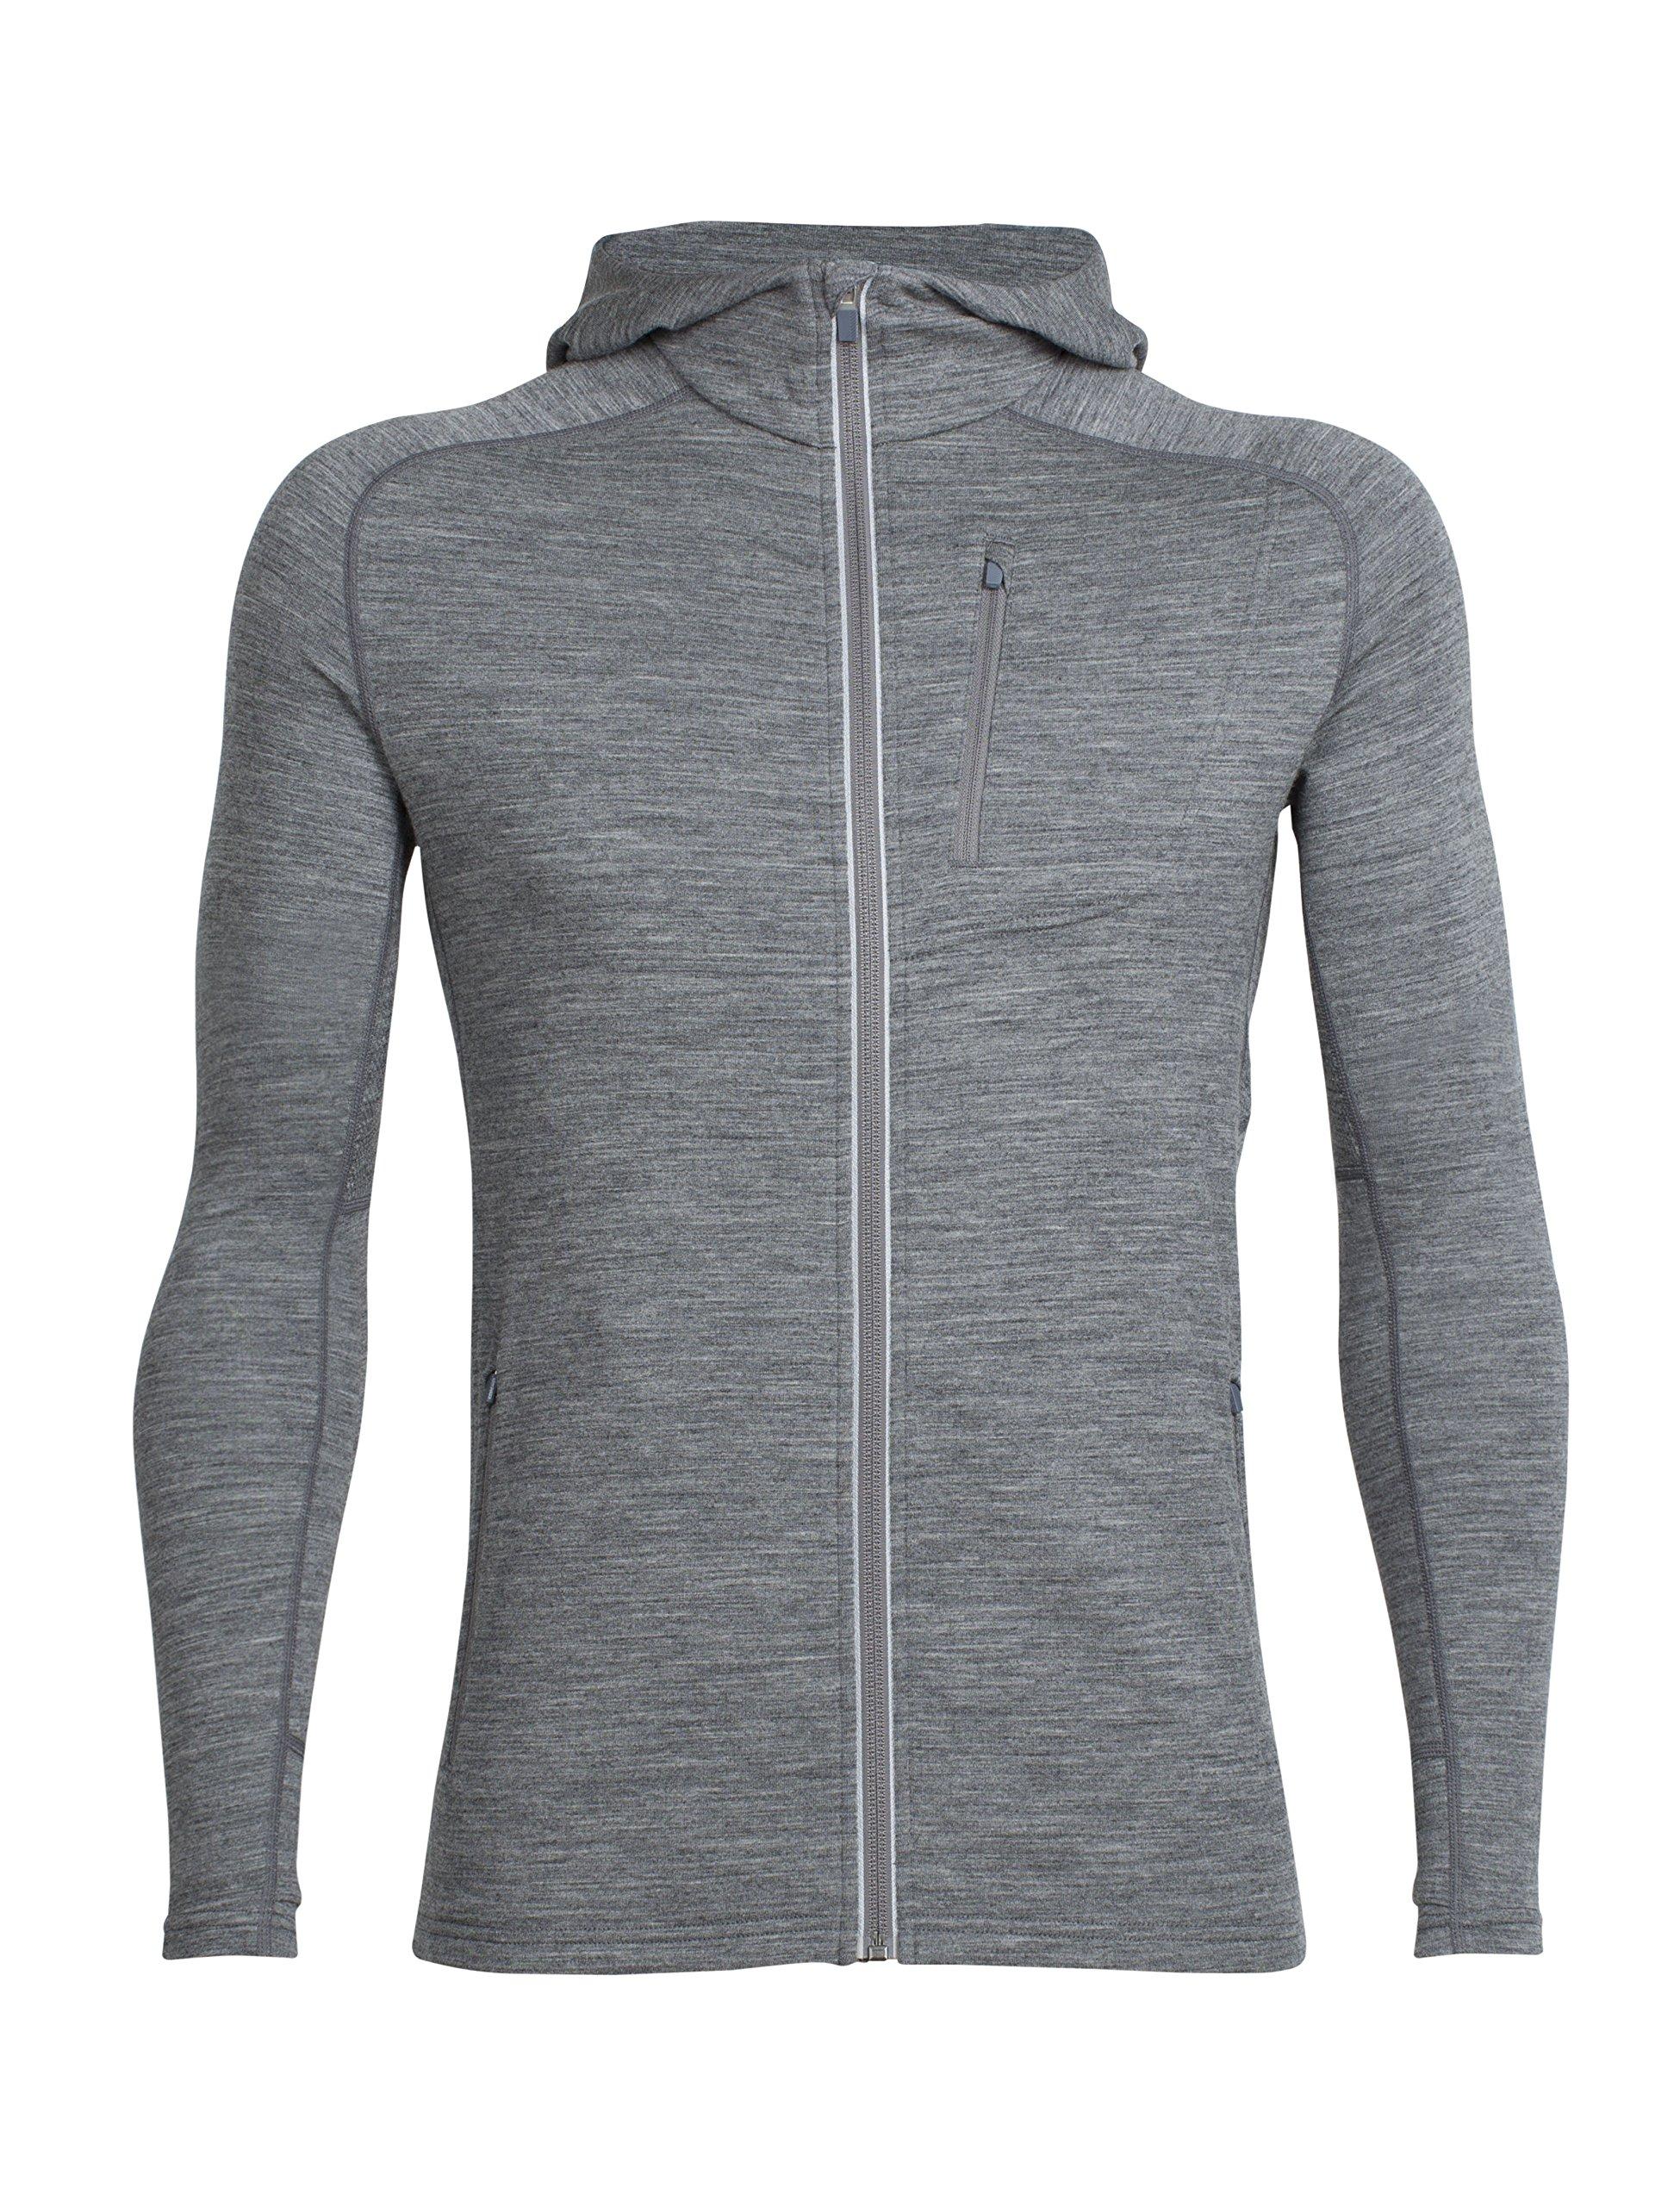 91uWUrjy44L - Icebreaker Men's Quantum Long Sleeve Zip Hood Cover Ups